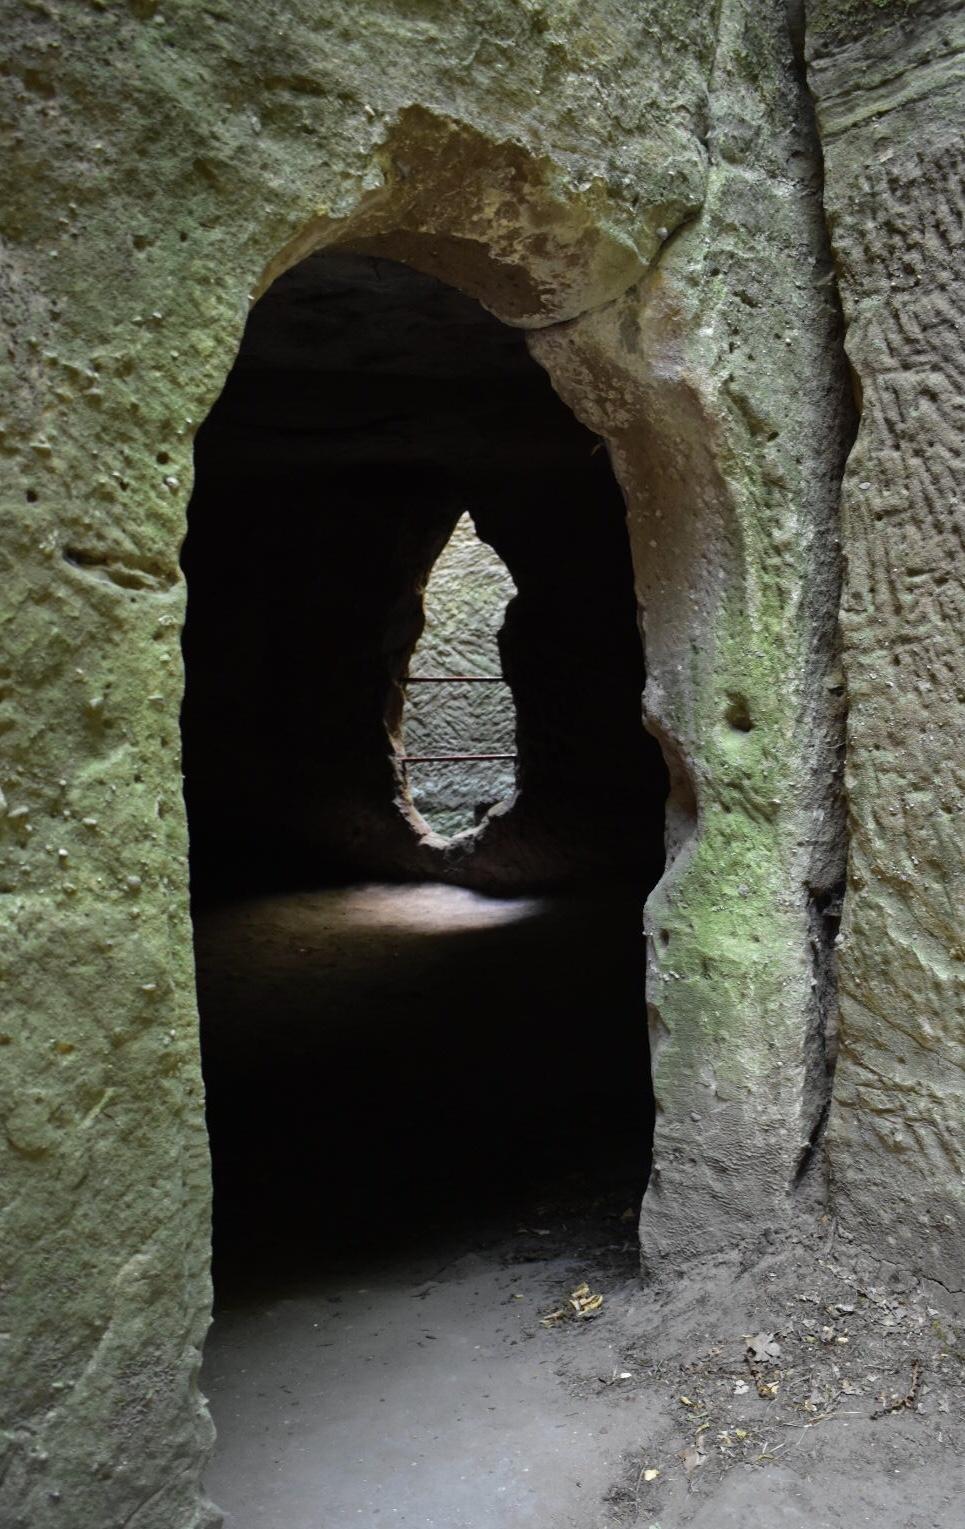 Durchgang zu dem Höhlenraum mit Durchblick zur Zisterne